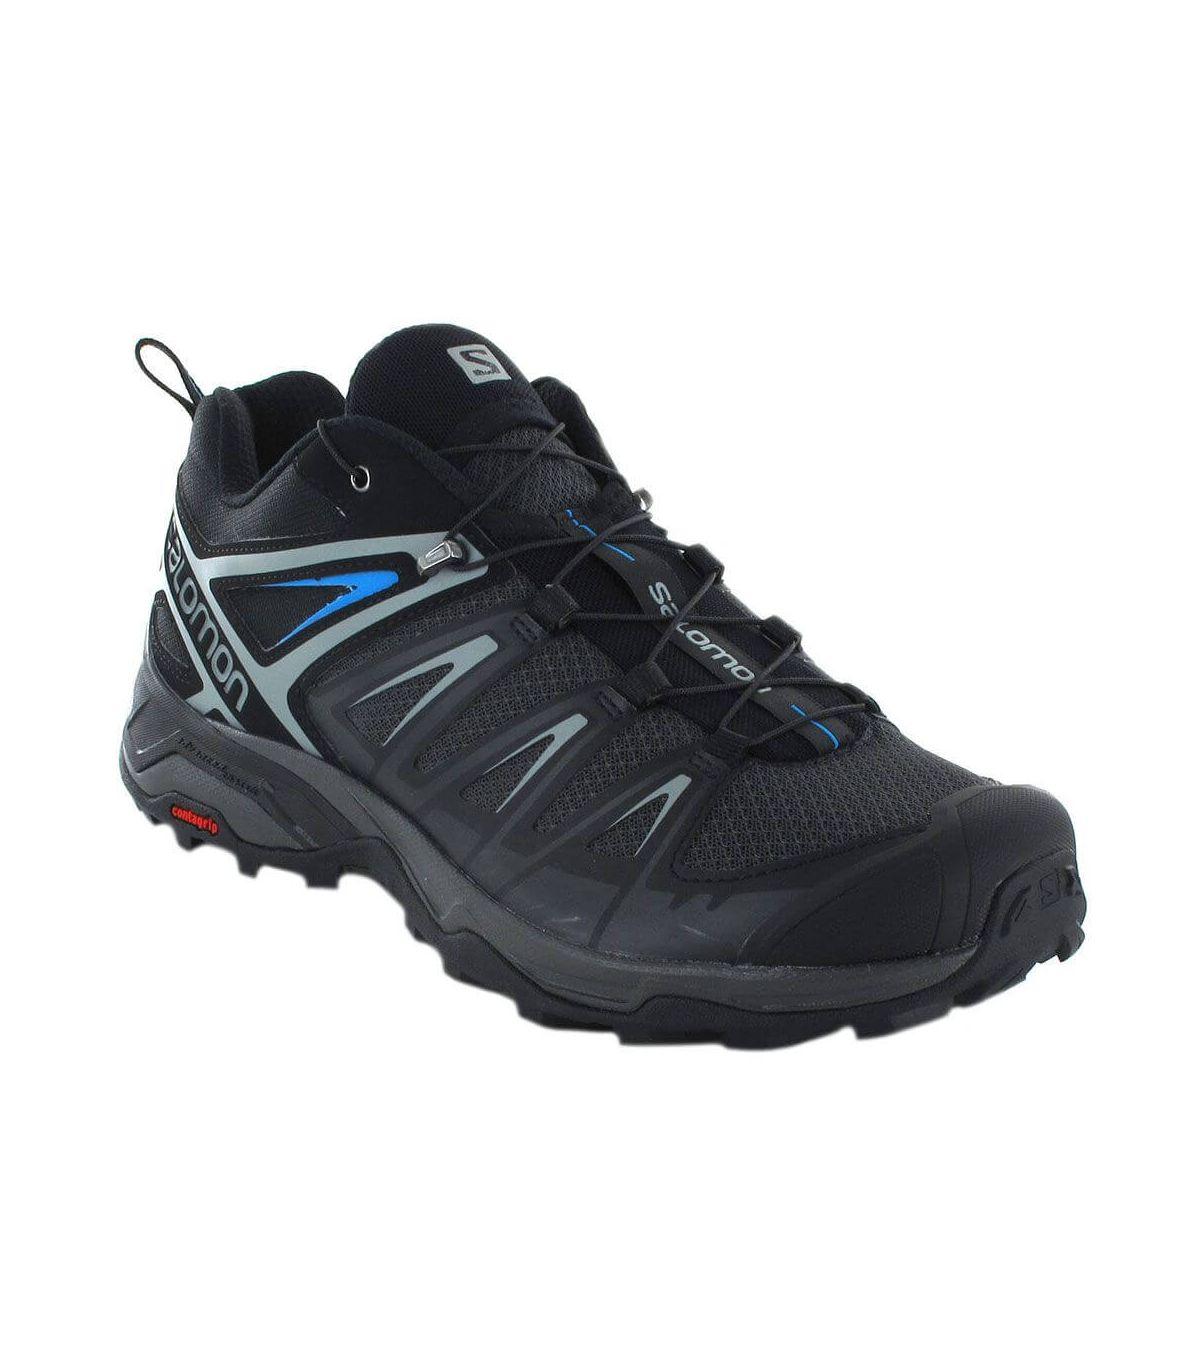 Salomon X Ultra 3 Salomon Zapatillas Trekking Hombre Calzado Montaña Tallas: 40 2/3, 41 1/3, 42, 42 2/3, 43 1/3, 44, 44